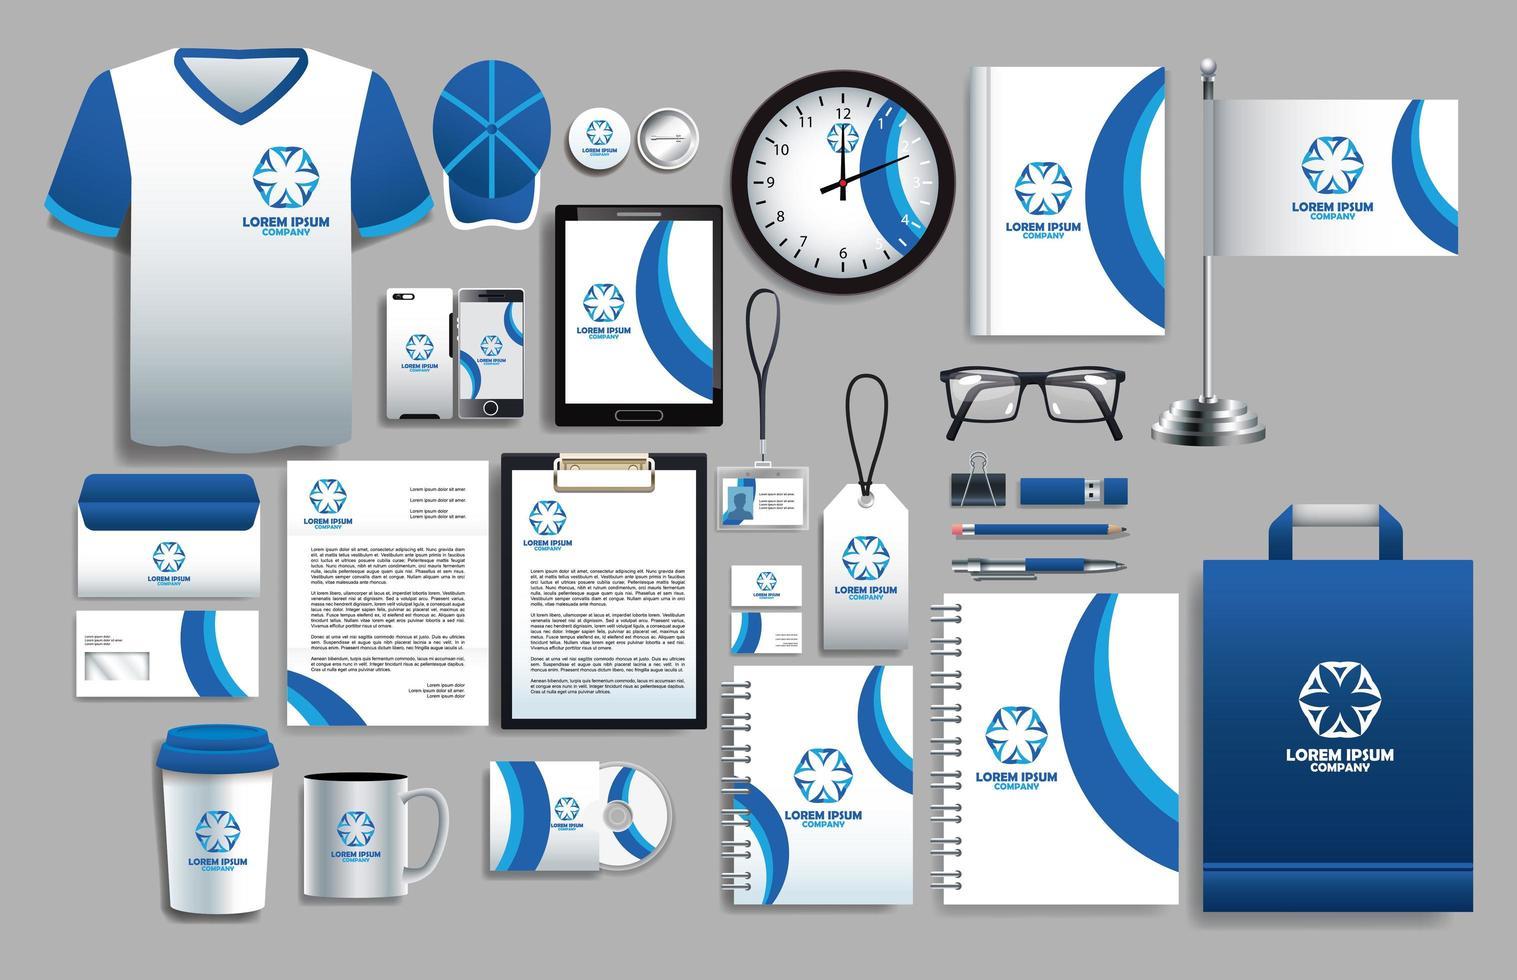 Satz weiße, blaue Logoelemente mit Briefpapiervorlagen vektor